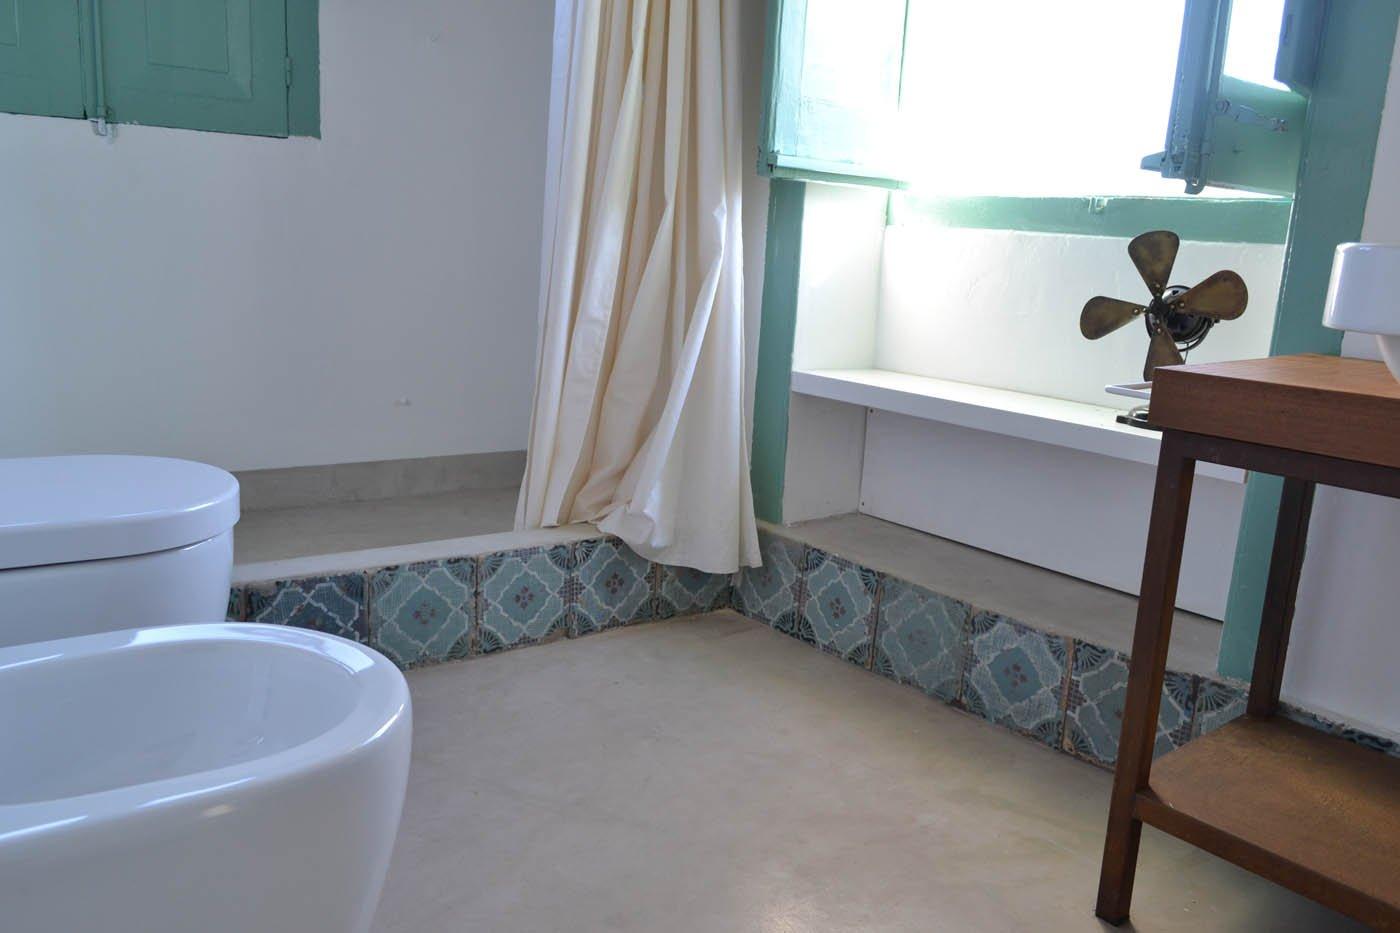 pavimento da bagno